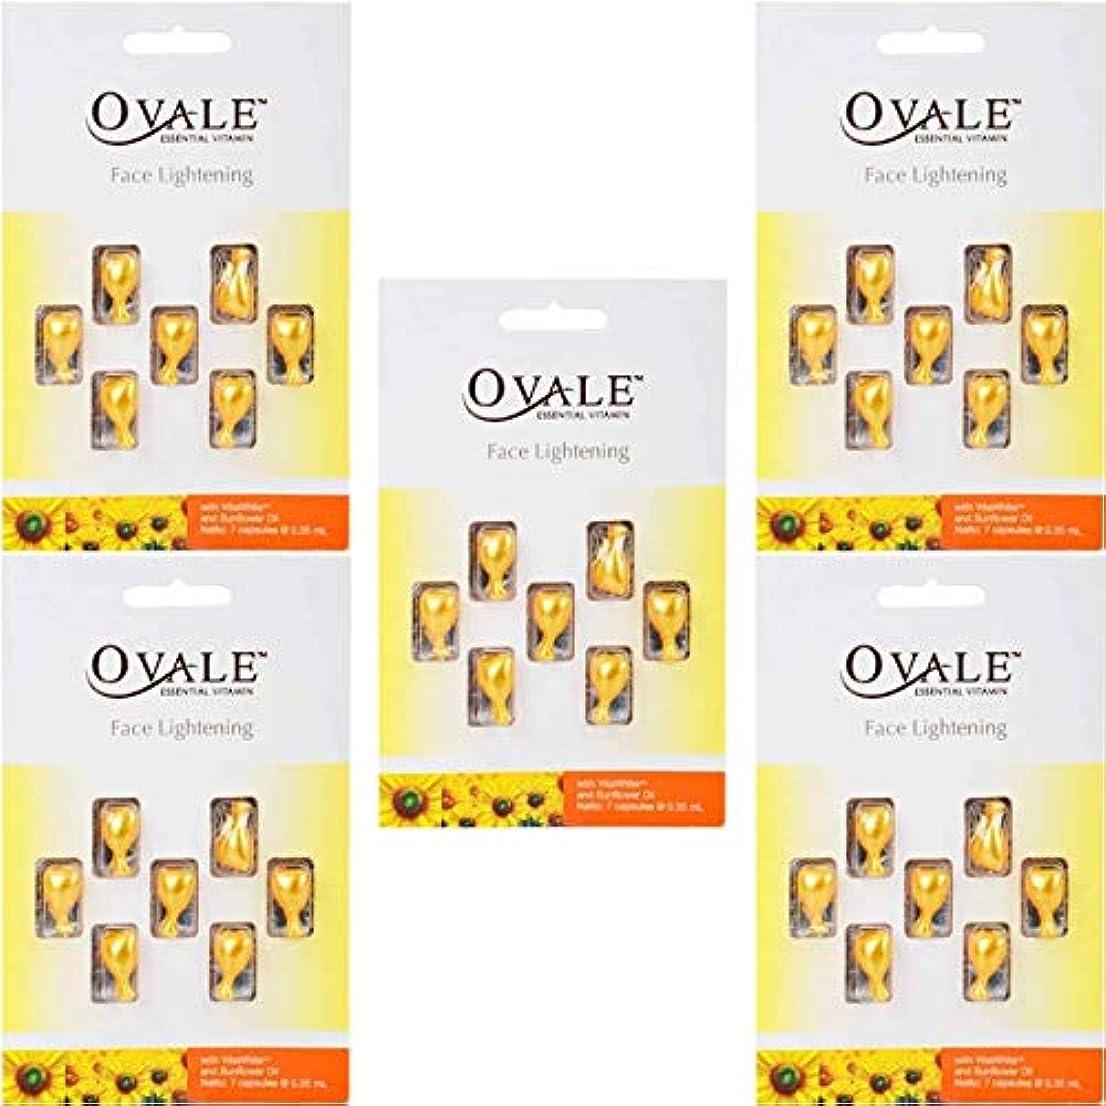 ロッカースラッシュキャプションOvale オーバル フェイシャル美容液 essential vitamin エッセンシャルビタミン 7粒入シート×5枚セット サンフラワー [海外直送品]